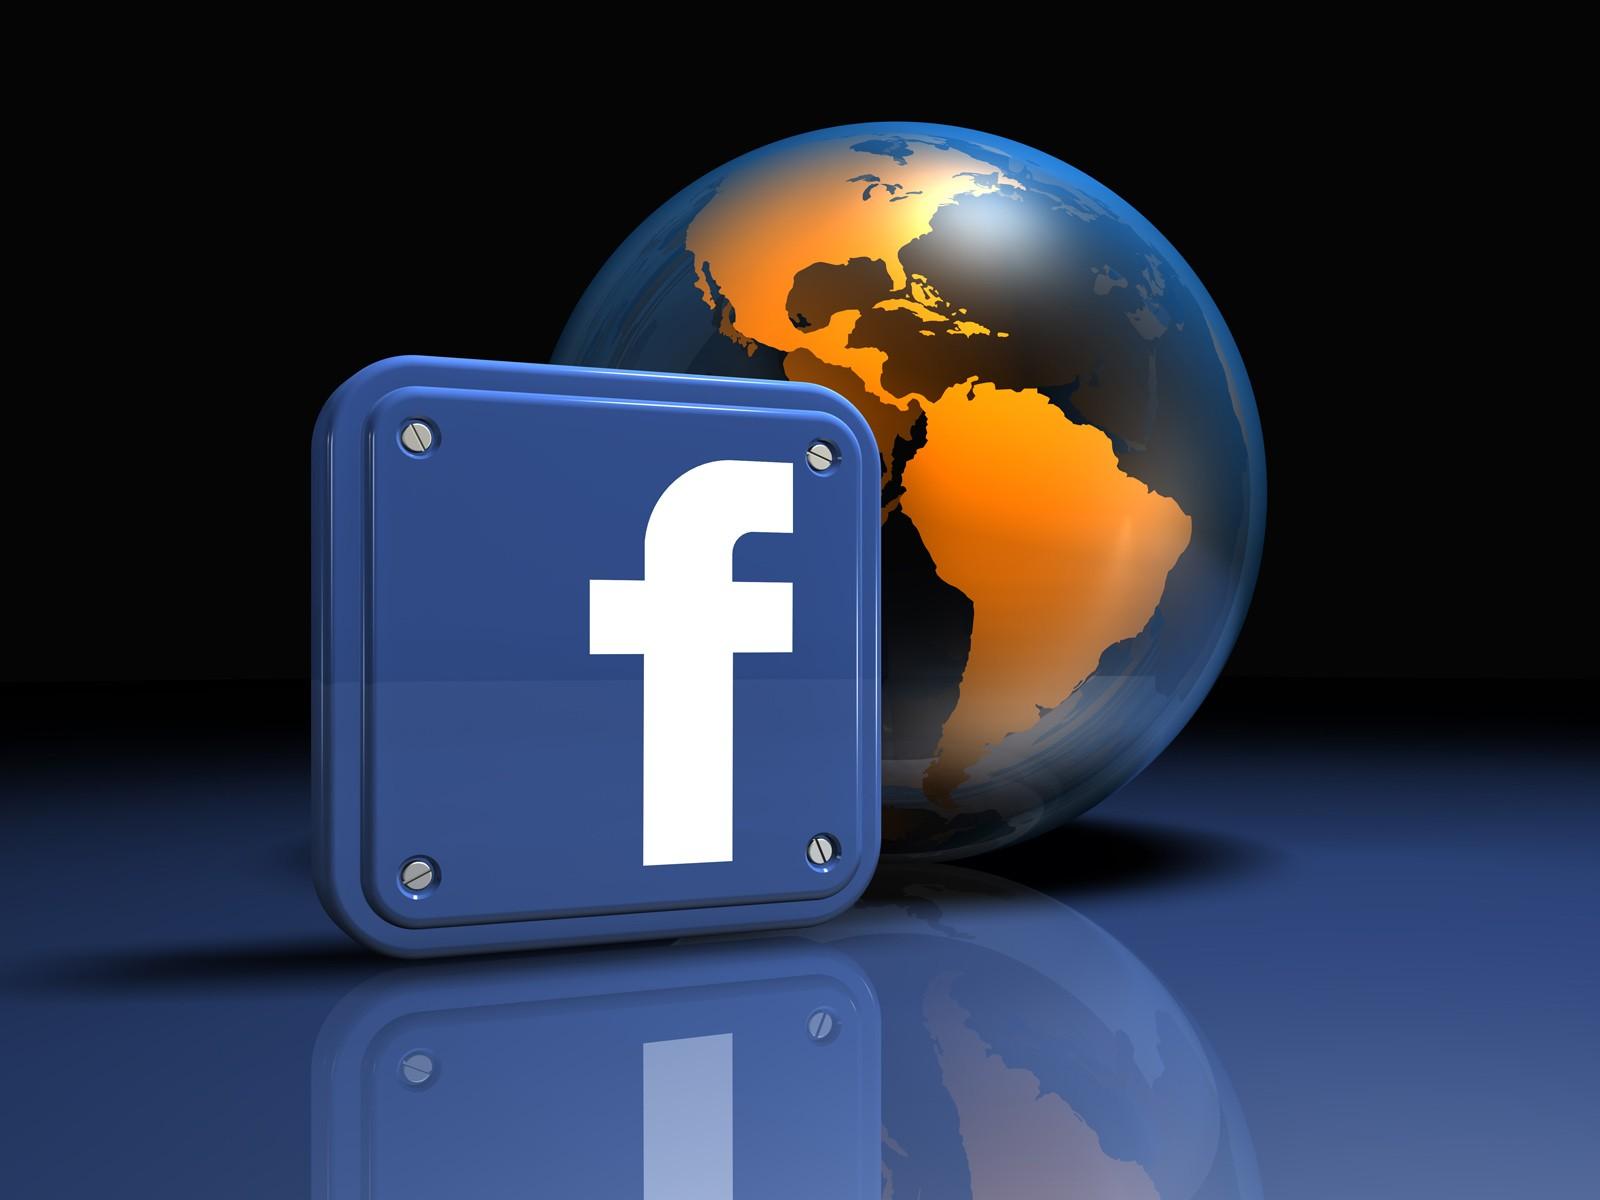 Фейсбук выпустил видеоприложение для телевизоров